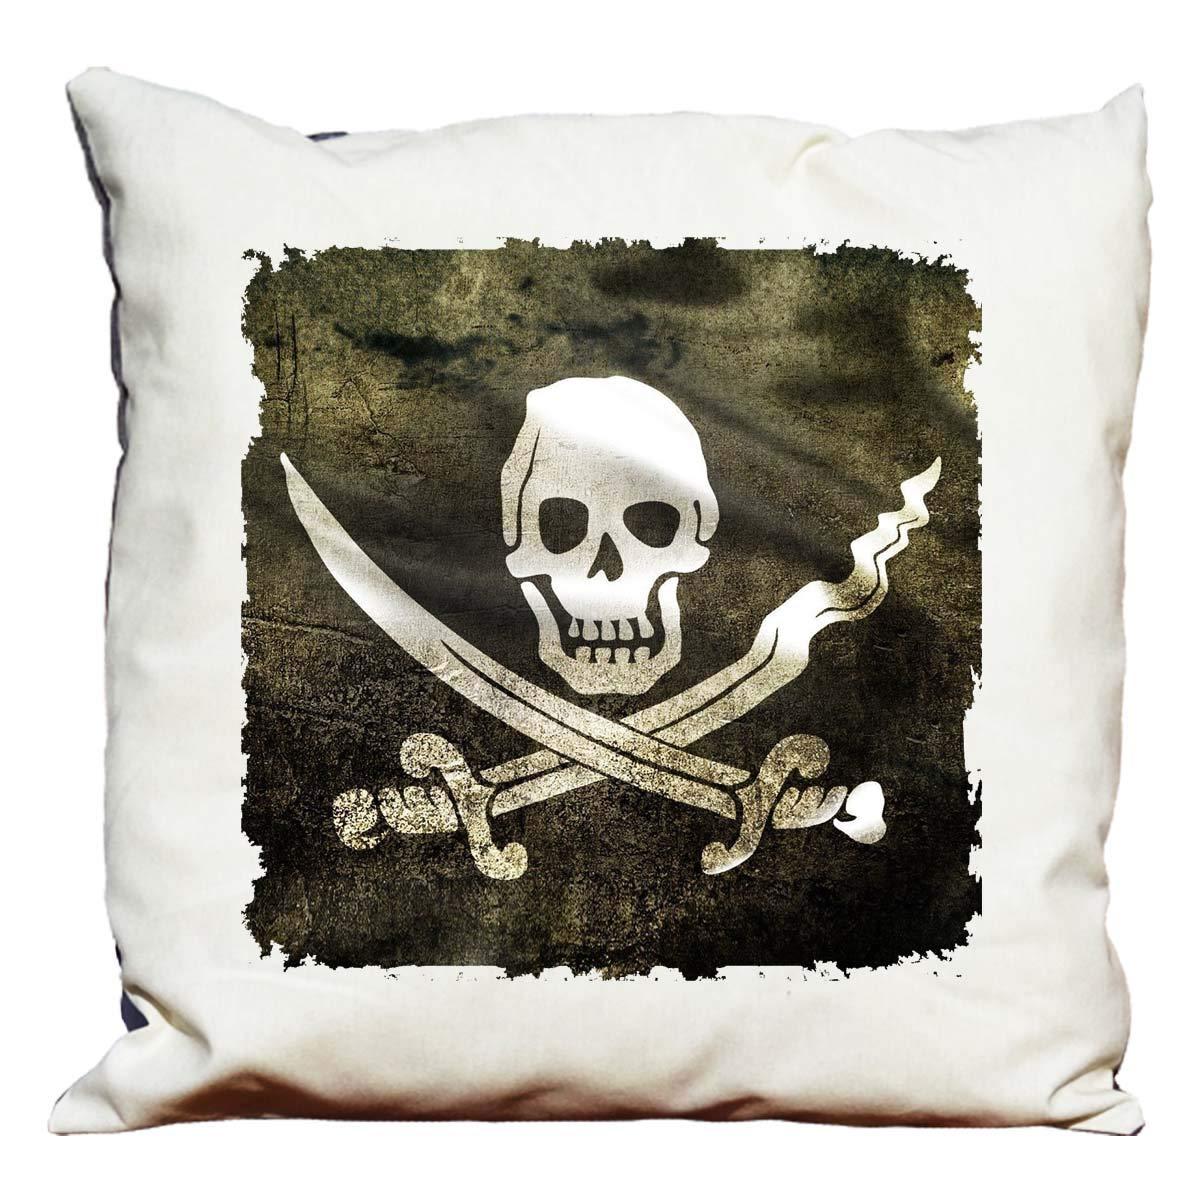 Cojín decorativo, diseño de bandera pirata: Amazon.es: Hogar